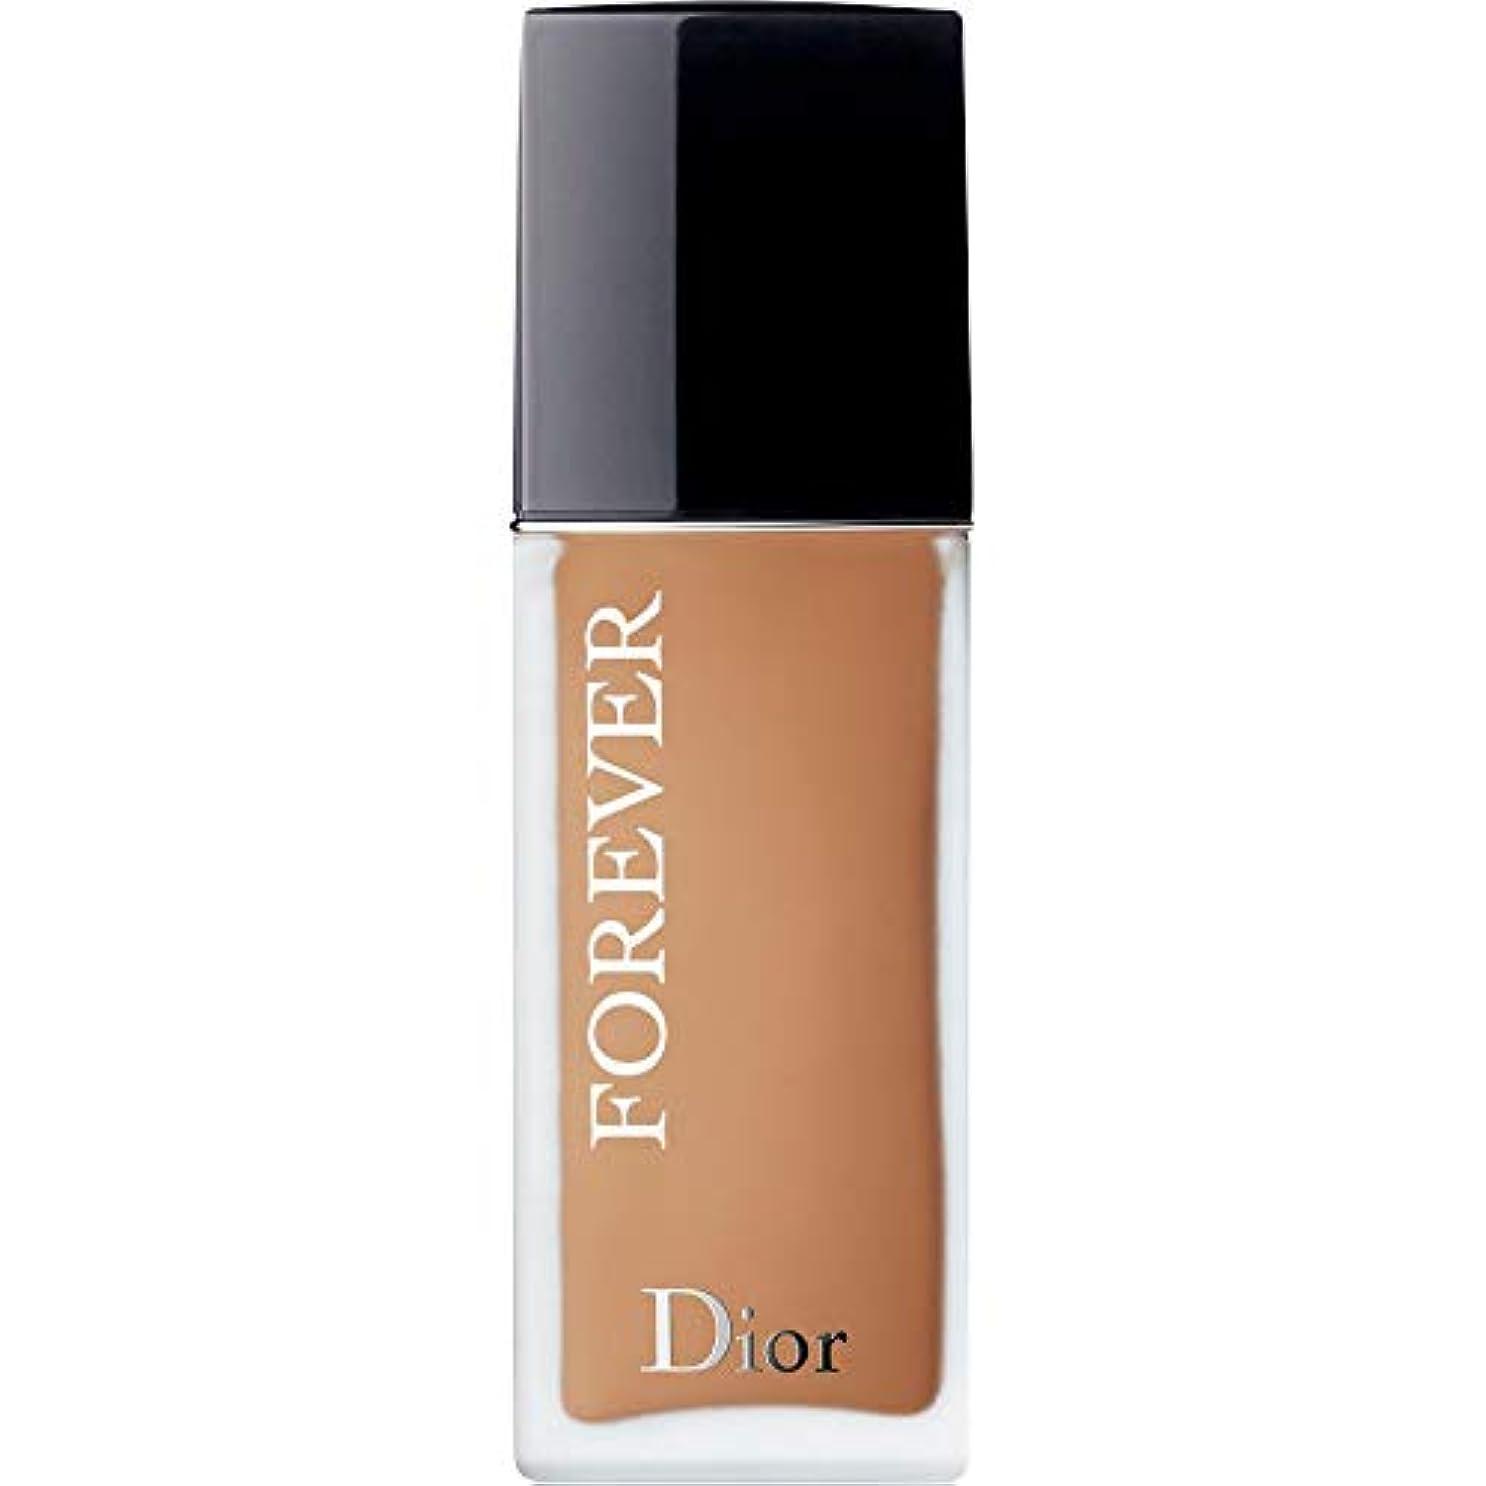 最近特別に思いやり[Dior ] ディオール永遠皮膚思いやりの基盤Spf35 30ミリリットルの4.5ワット - 暖かい(つや消し) - DIOR Forever Skin-Caring Foundation SPF35 30ml 4.5W...